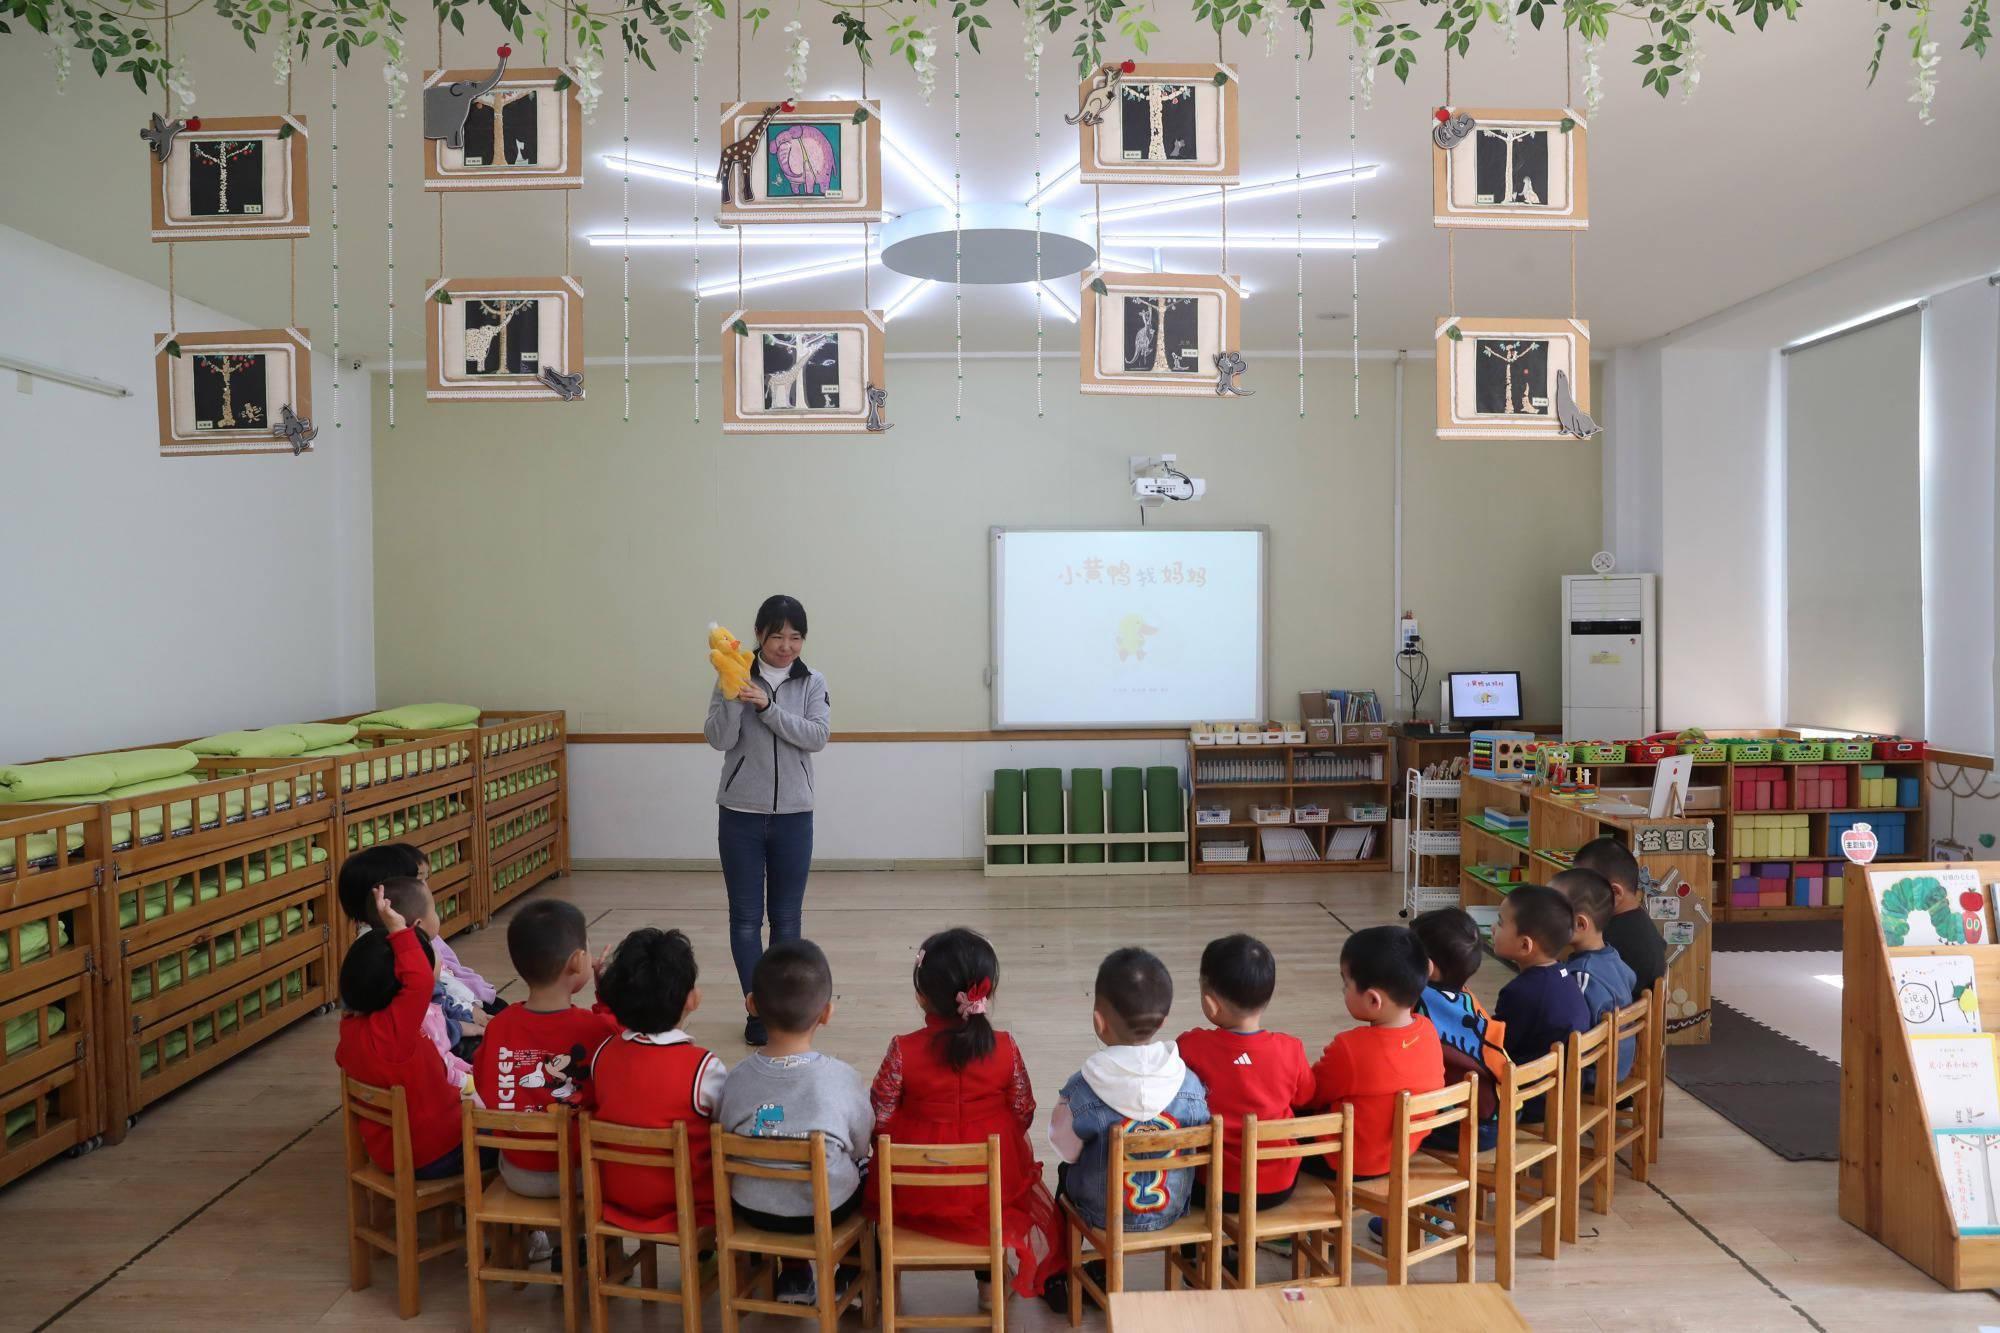 国家卫健委:托幼机构教职员工和幼儿开园前14天开展健康监测